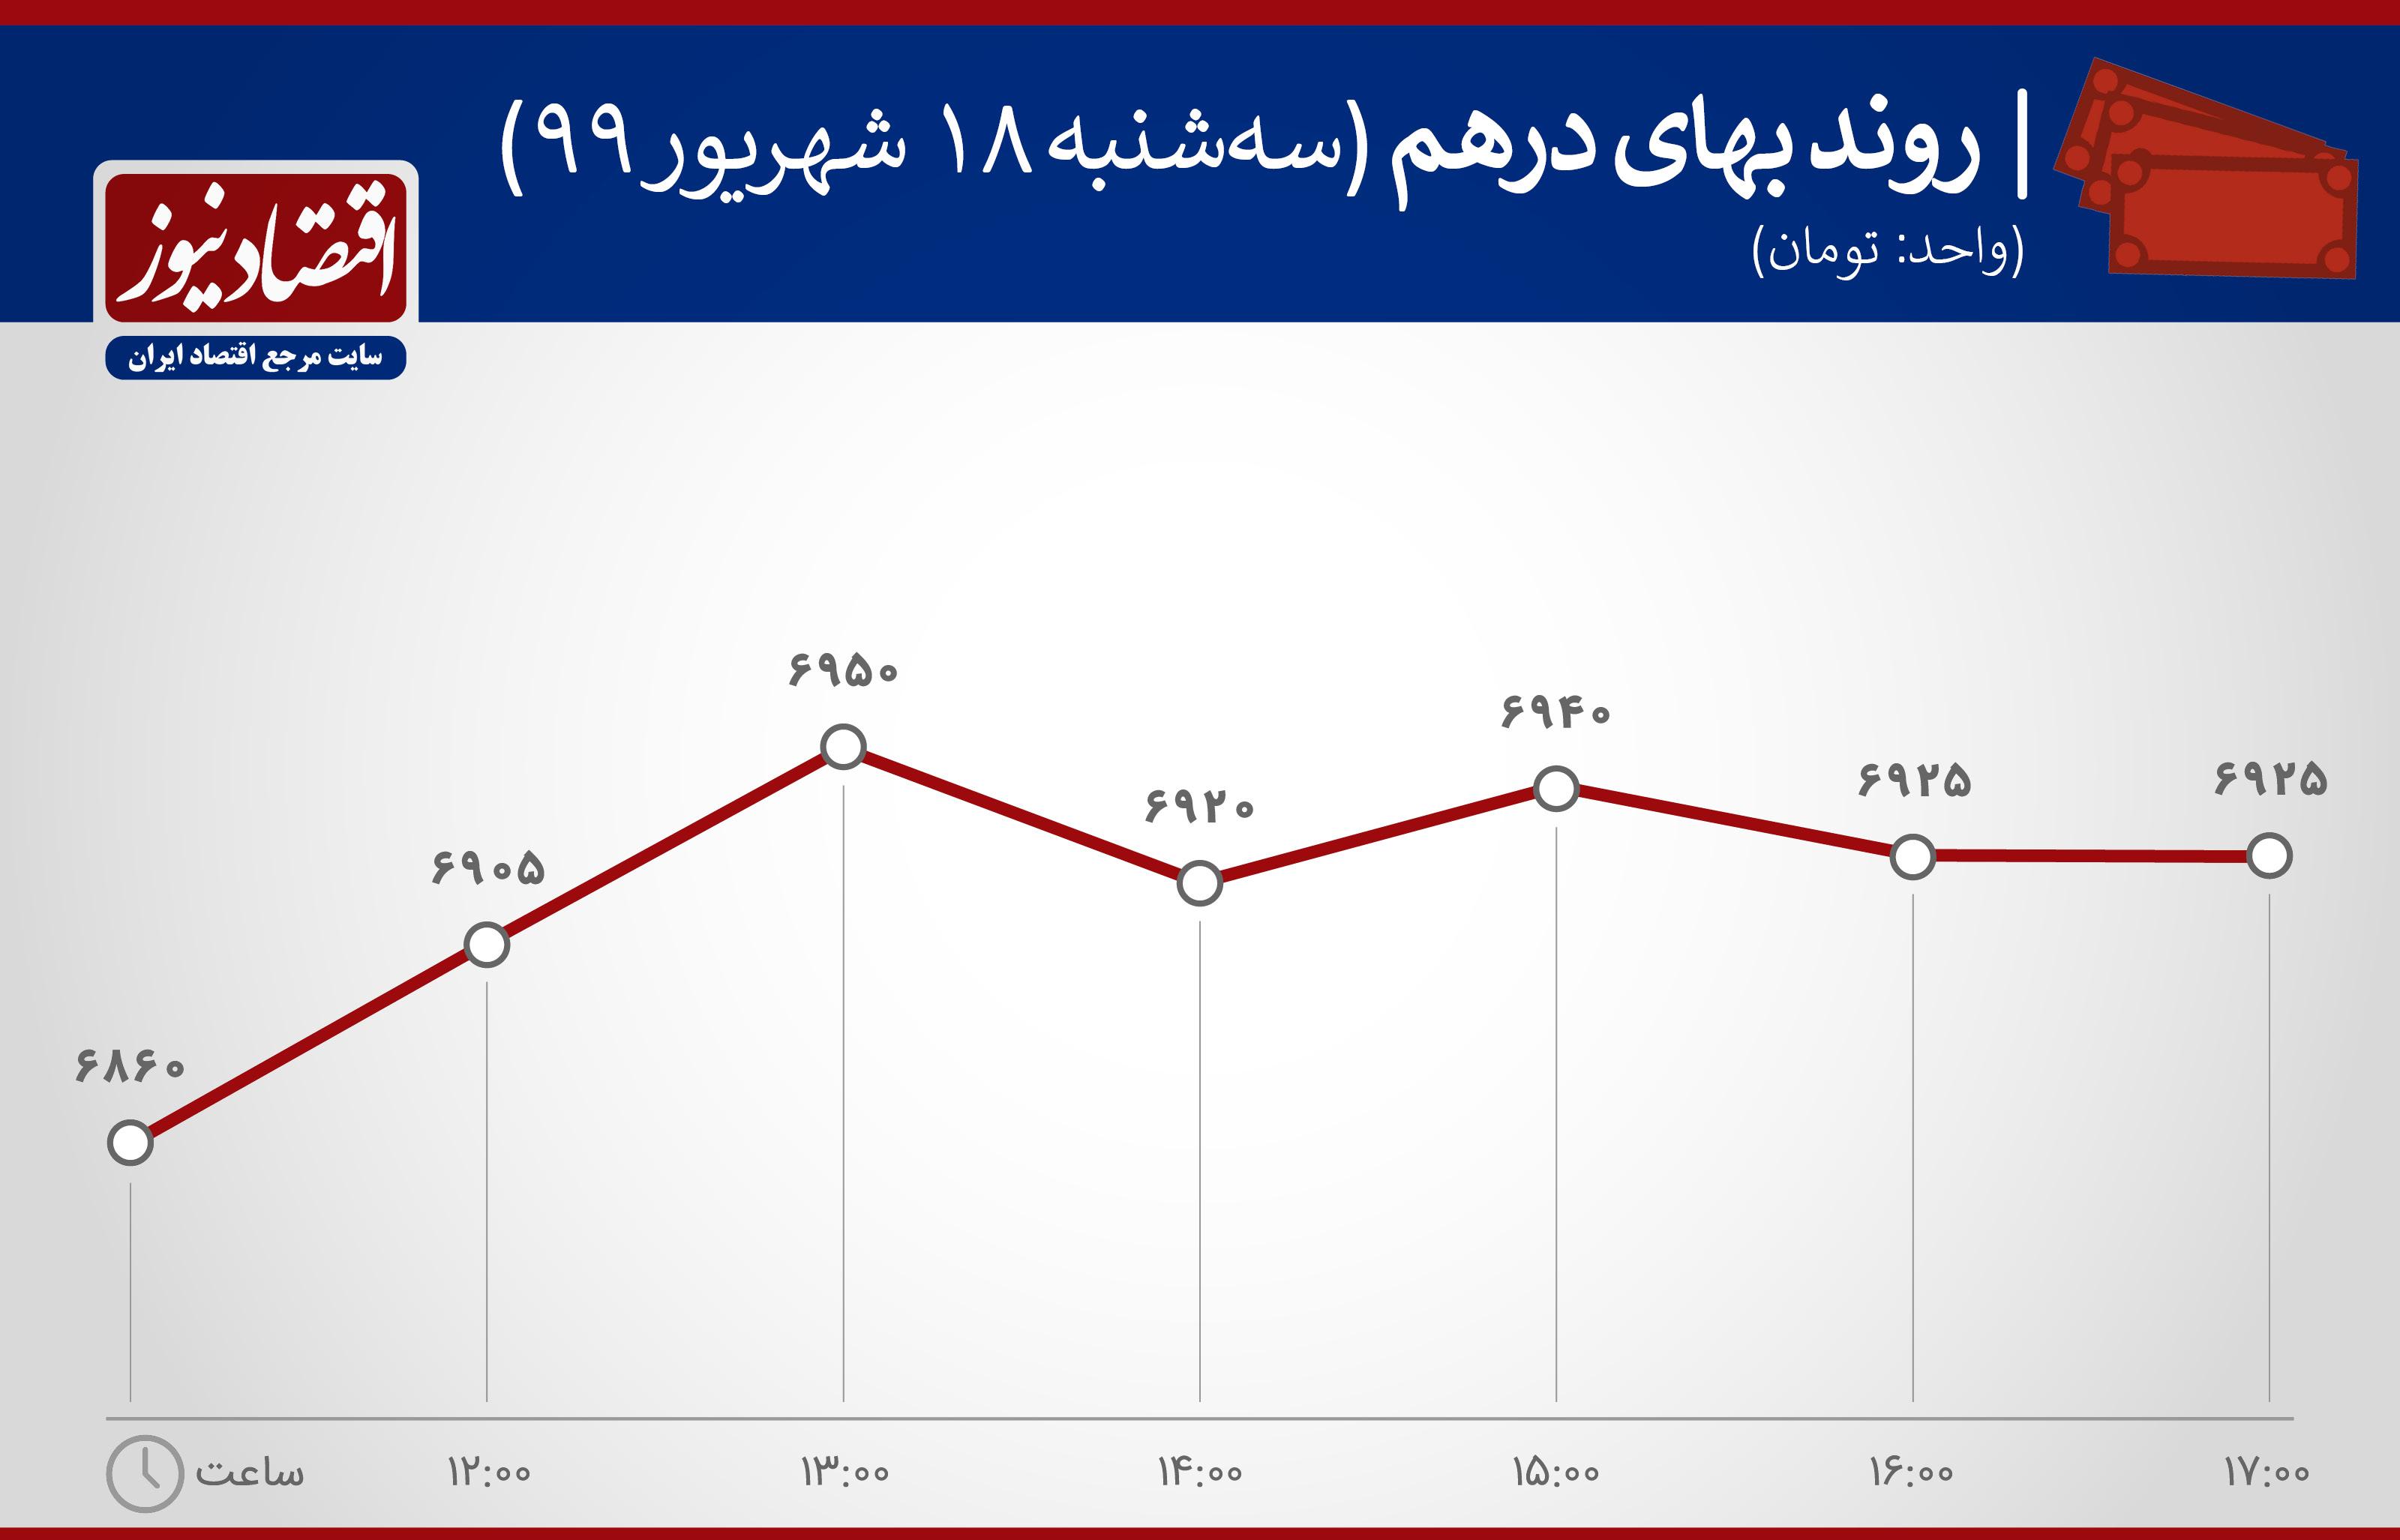 نمودار روند ارزش درهم 18 شهریور